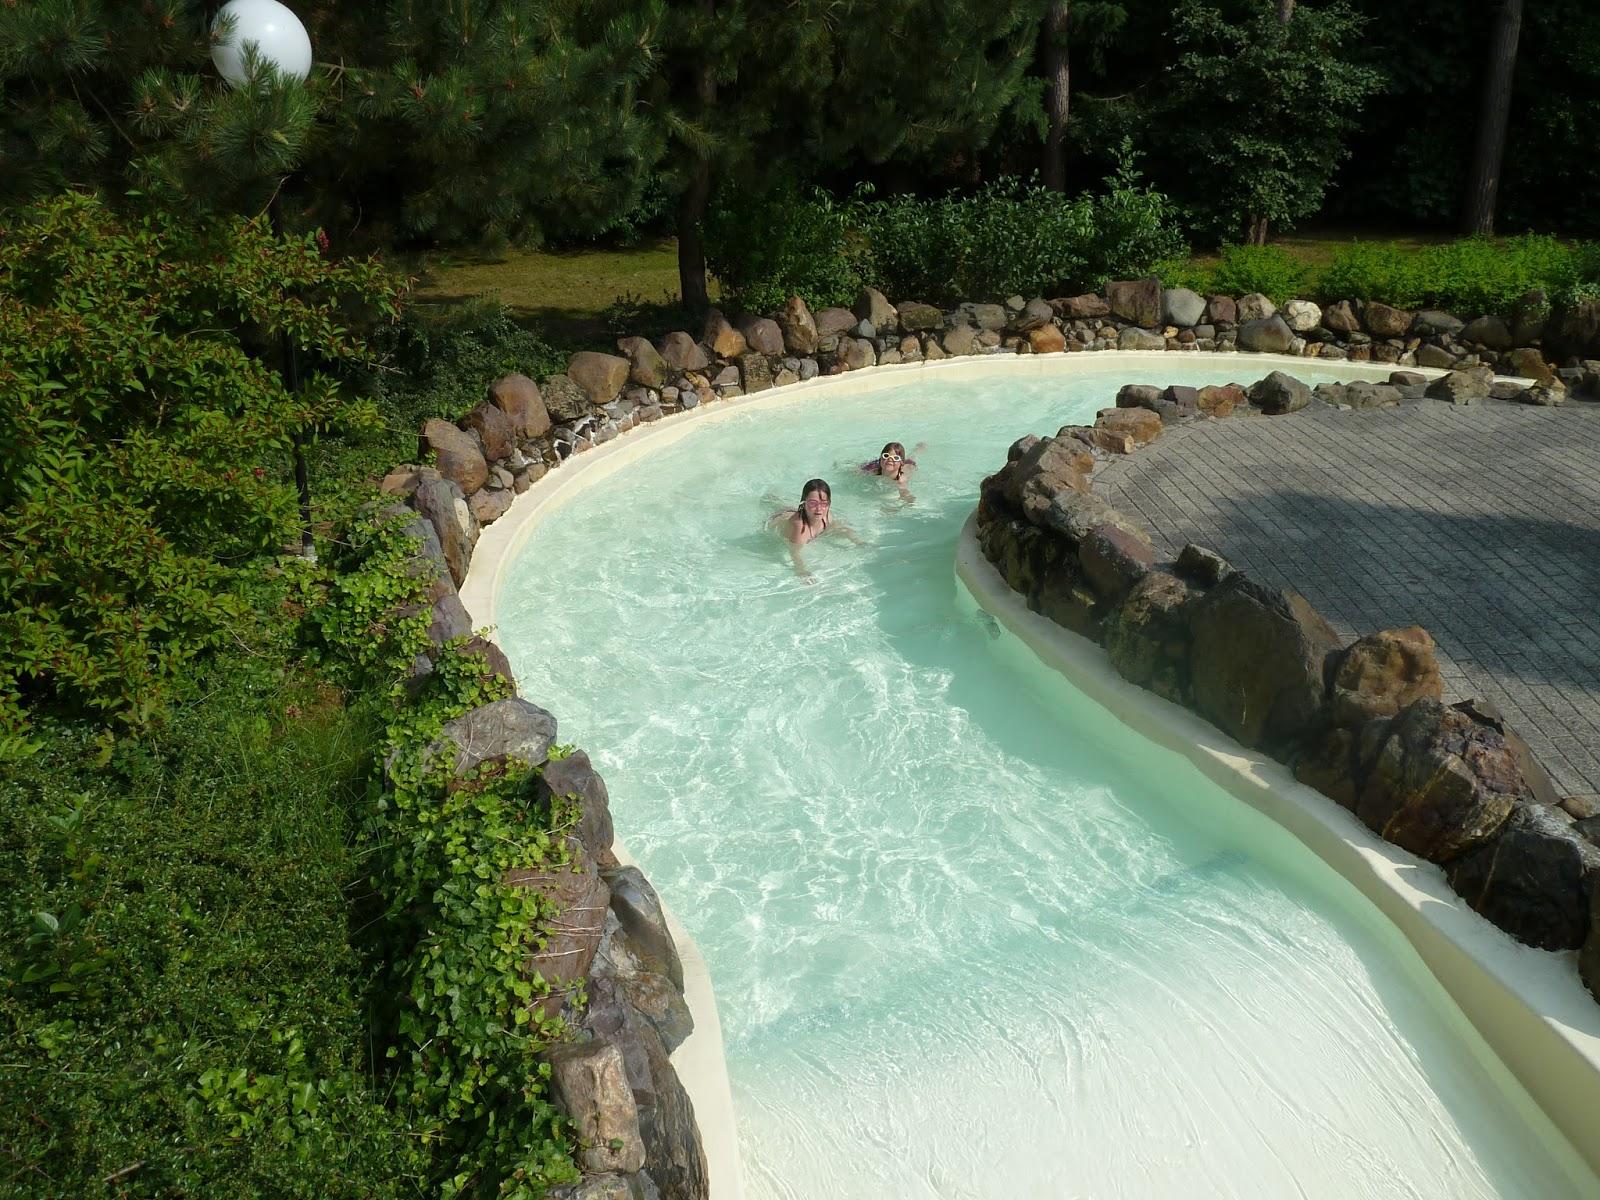 Kinderpersbureau dagarrangementen kapelle shannon gaat naar het vennenbos - Zwembad arrangement ...